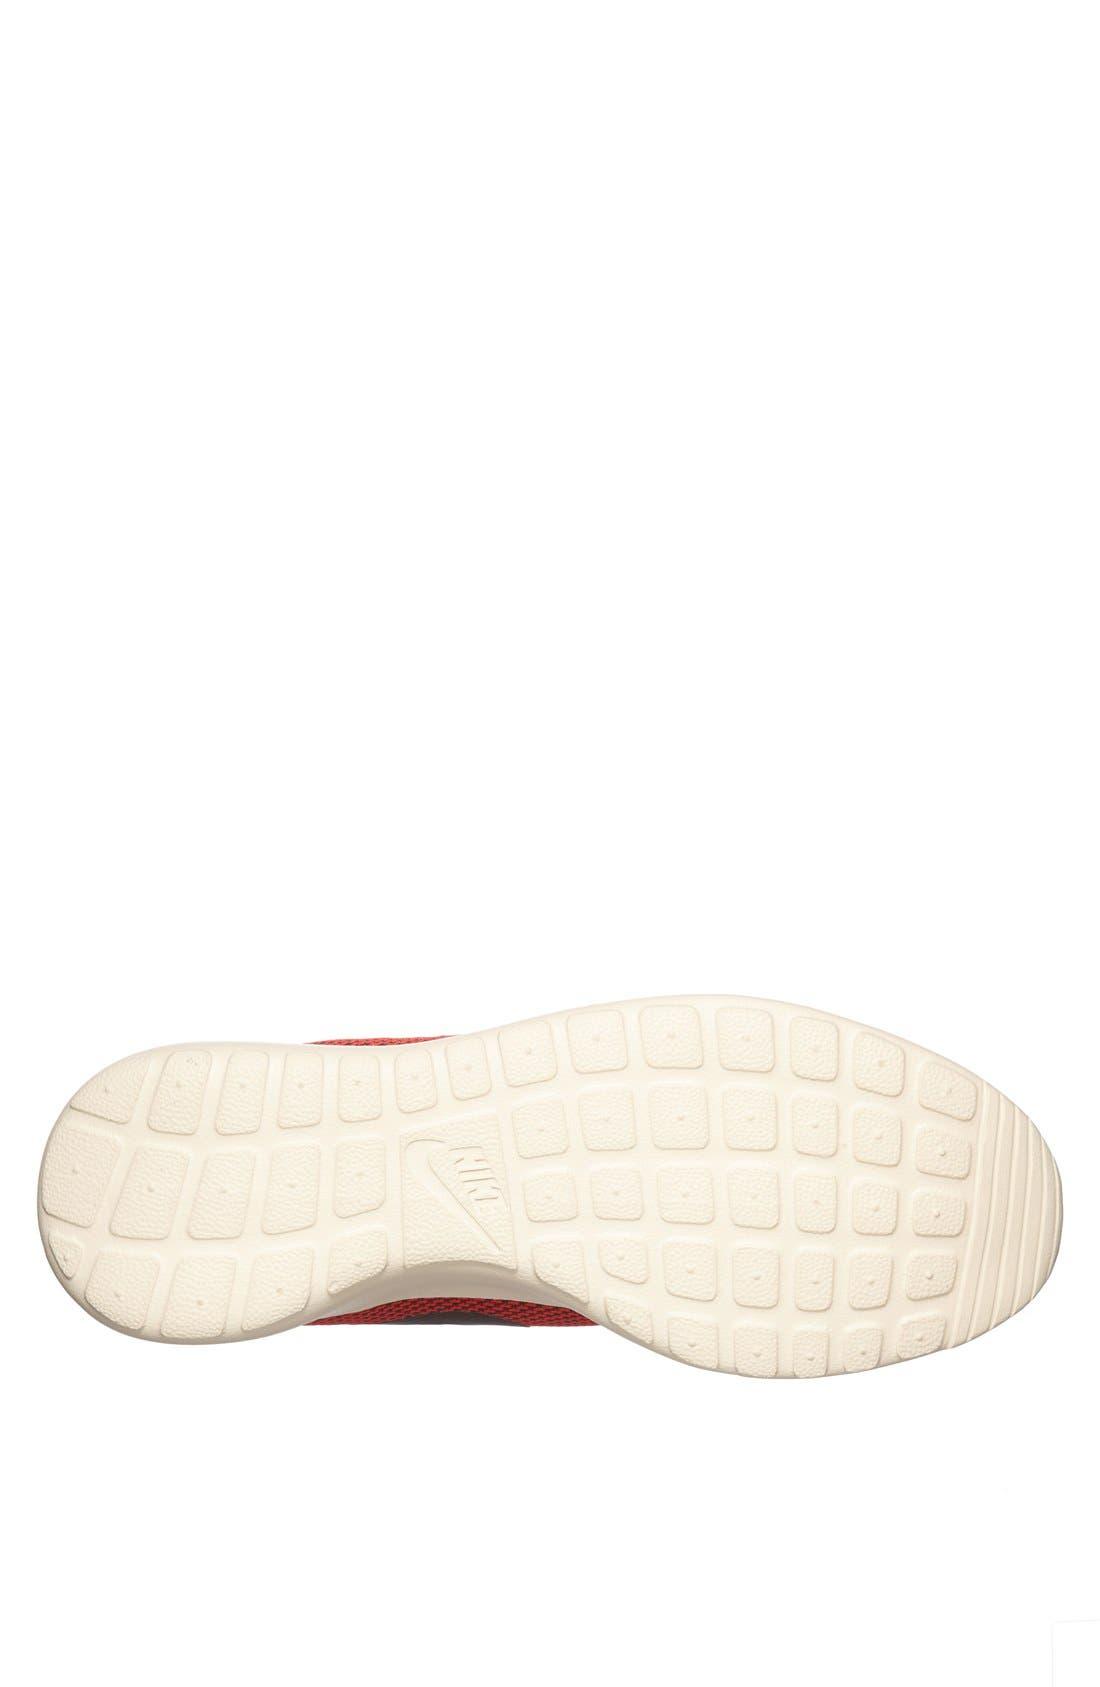 ,                             'Roshe Run' Sneaker,                             Alternate thumbnail 138, color,                             622